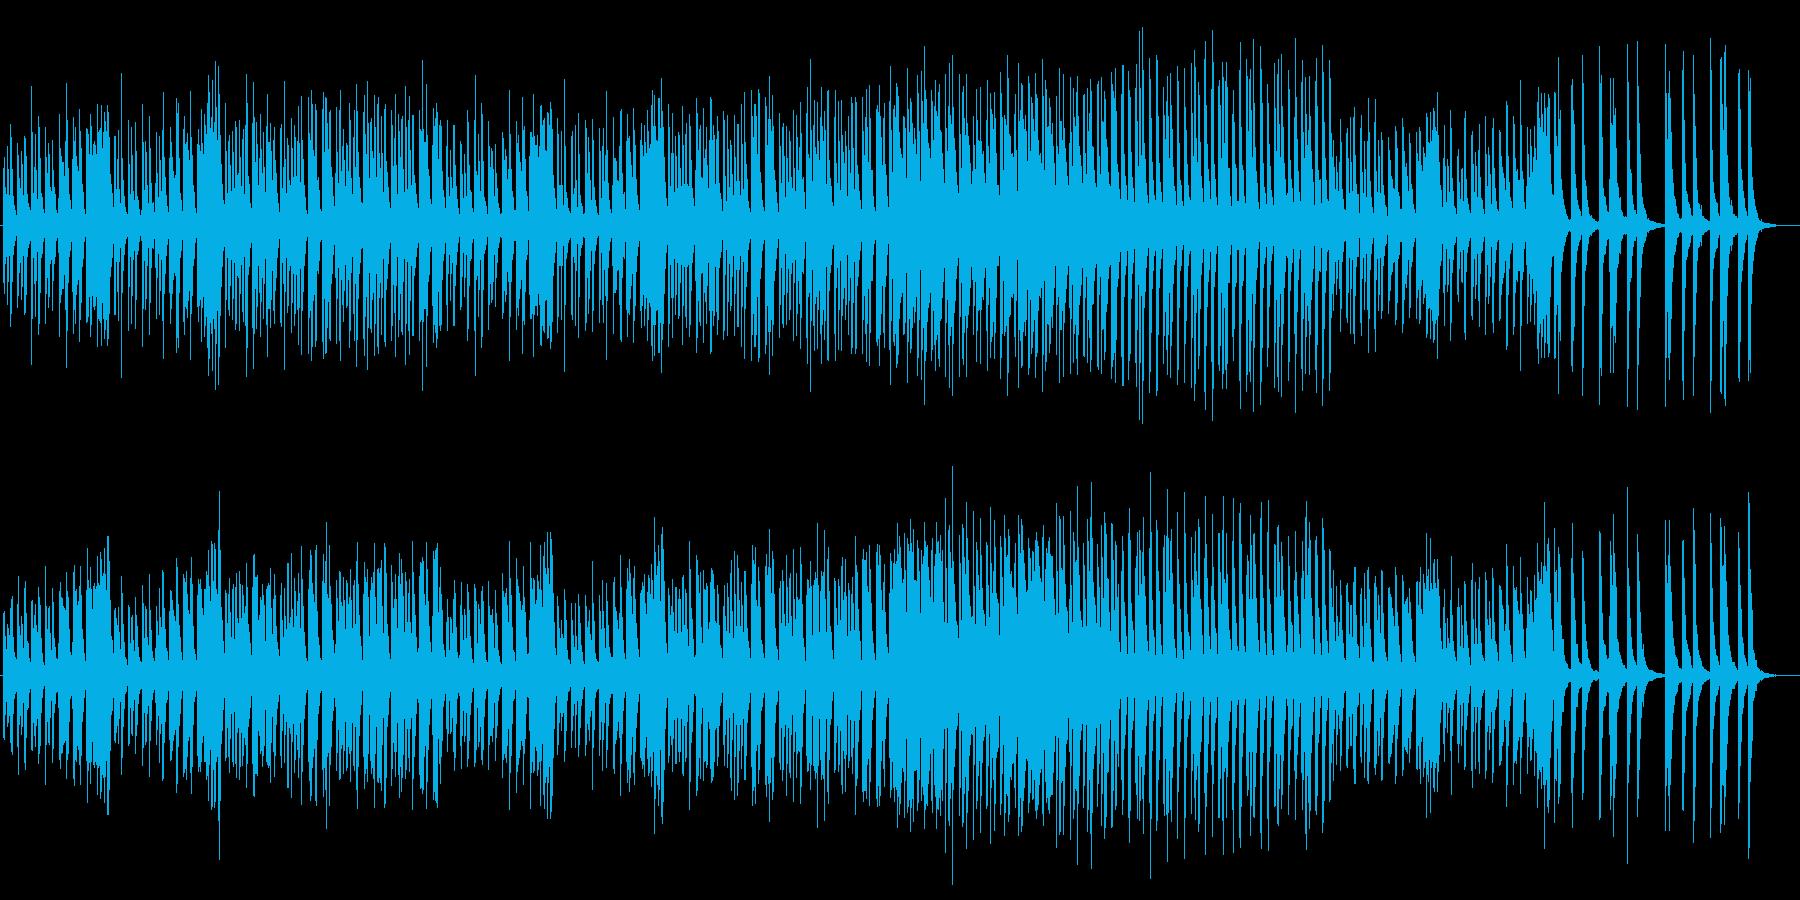 ハラハラ、ドキドキ、ハラハラ、ドキドキ!の再生済みの波形